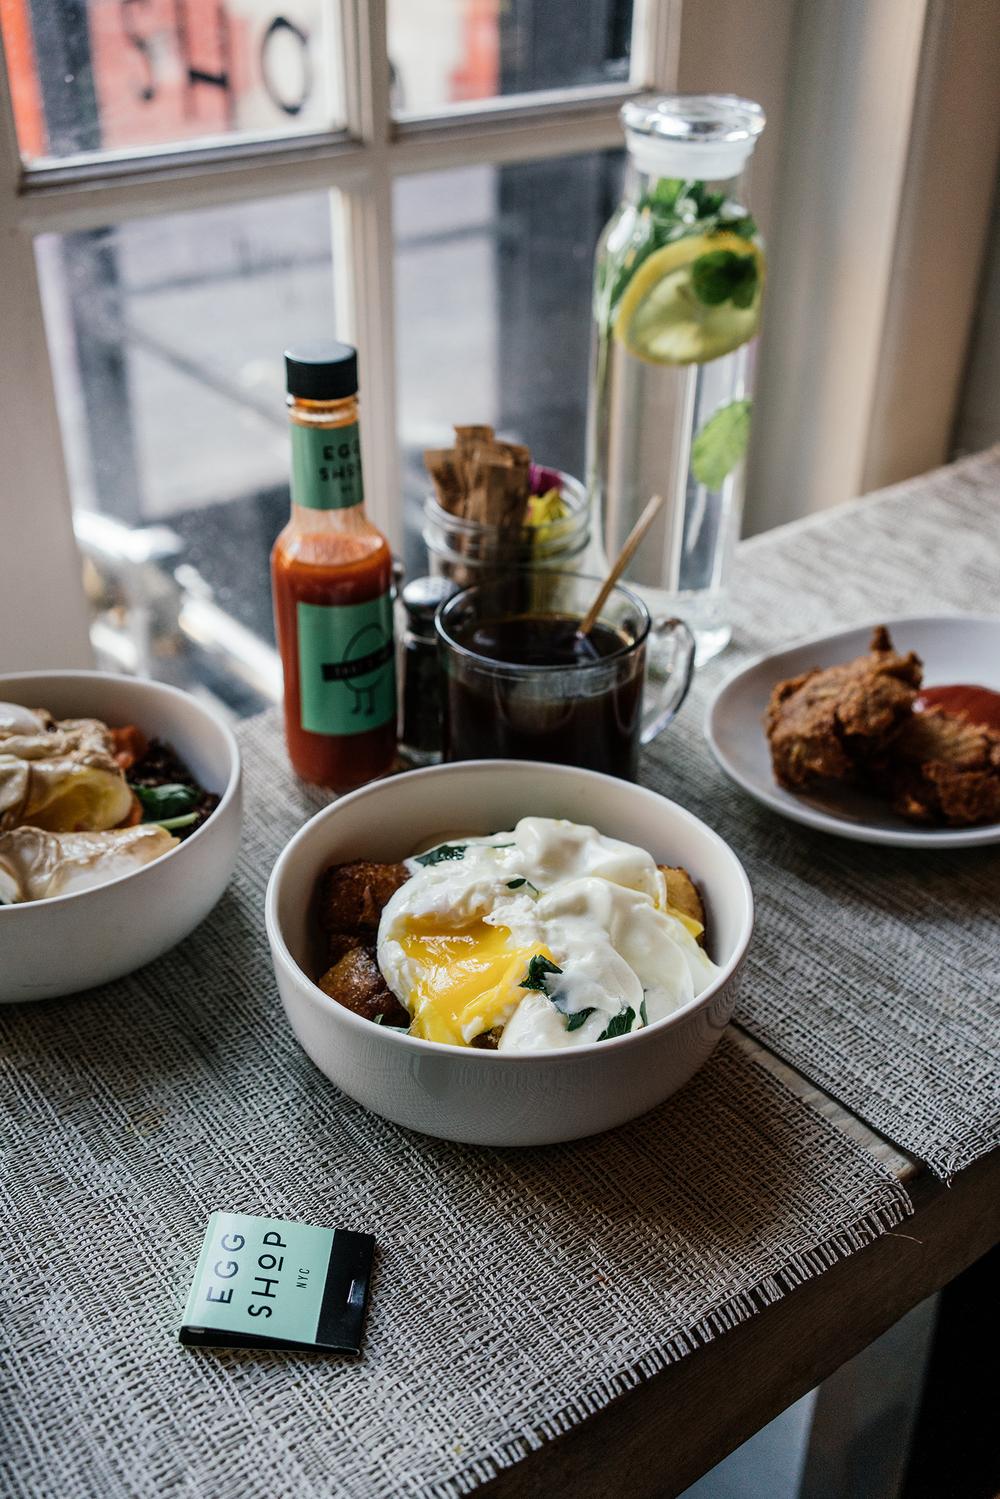 Breakfast at Egg Shop